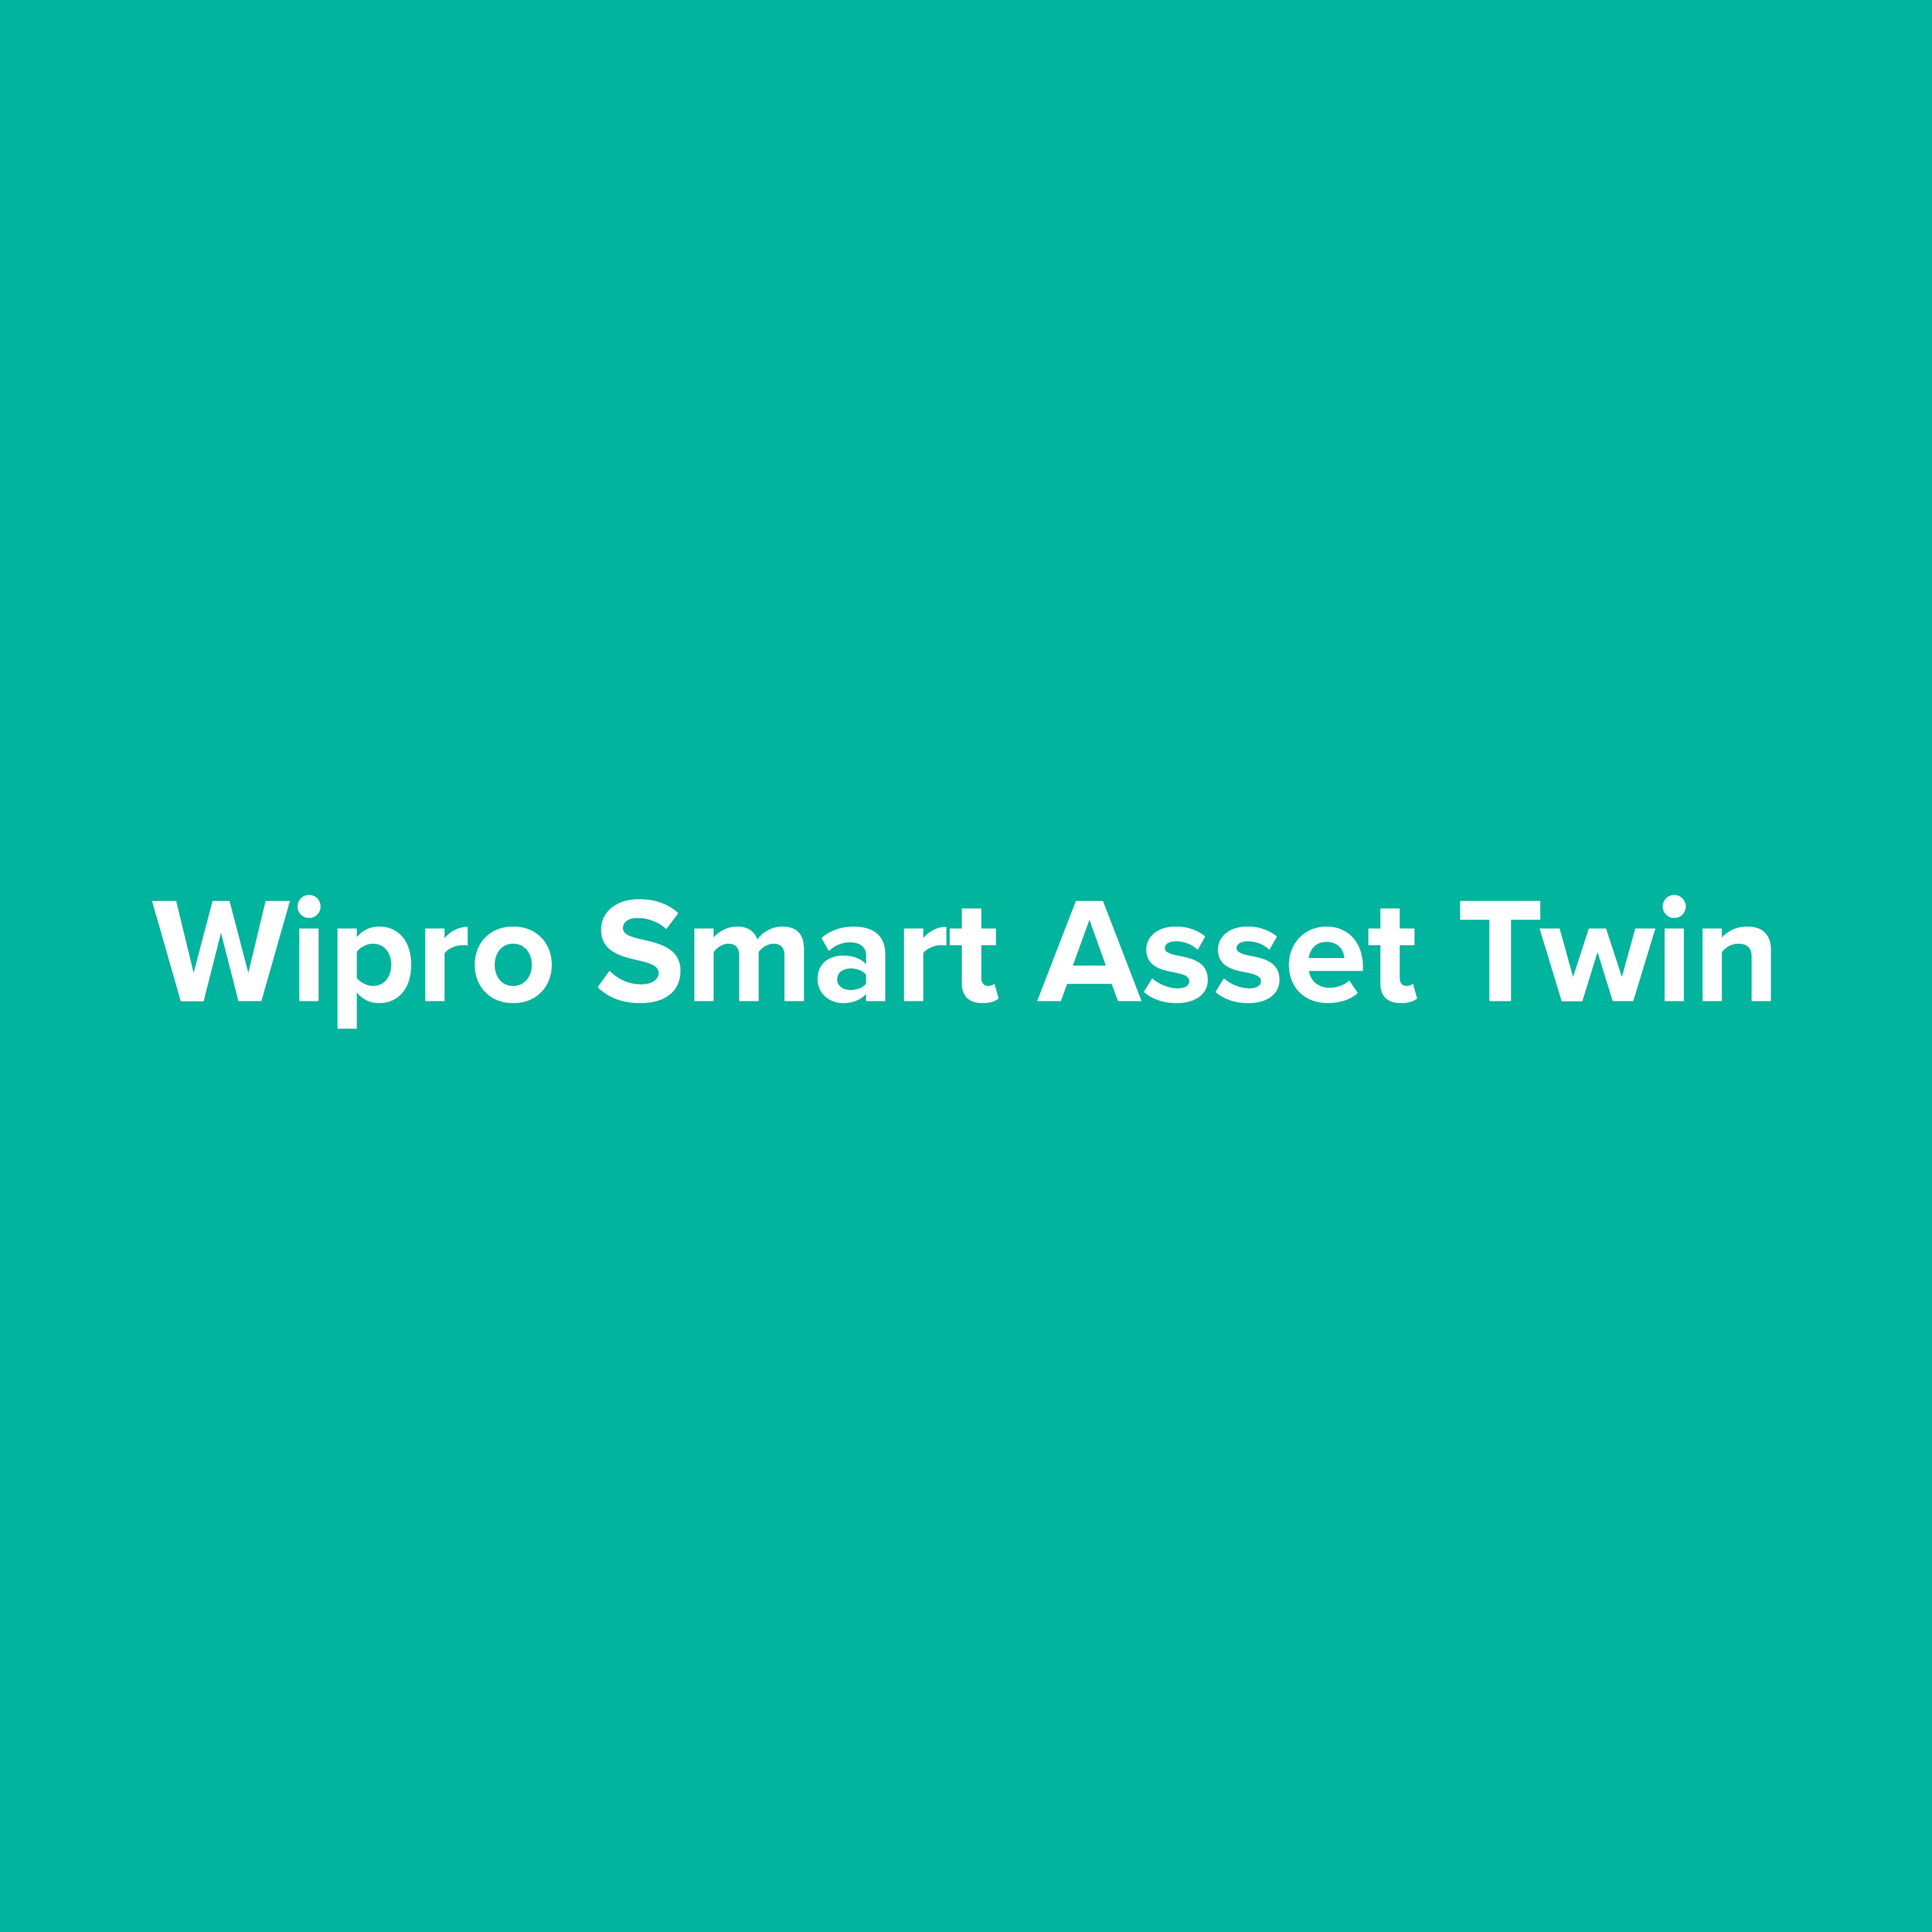 Wipro Smart Asset Twin